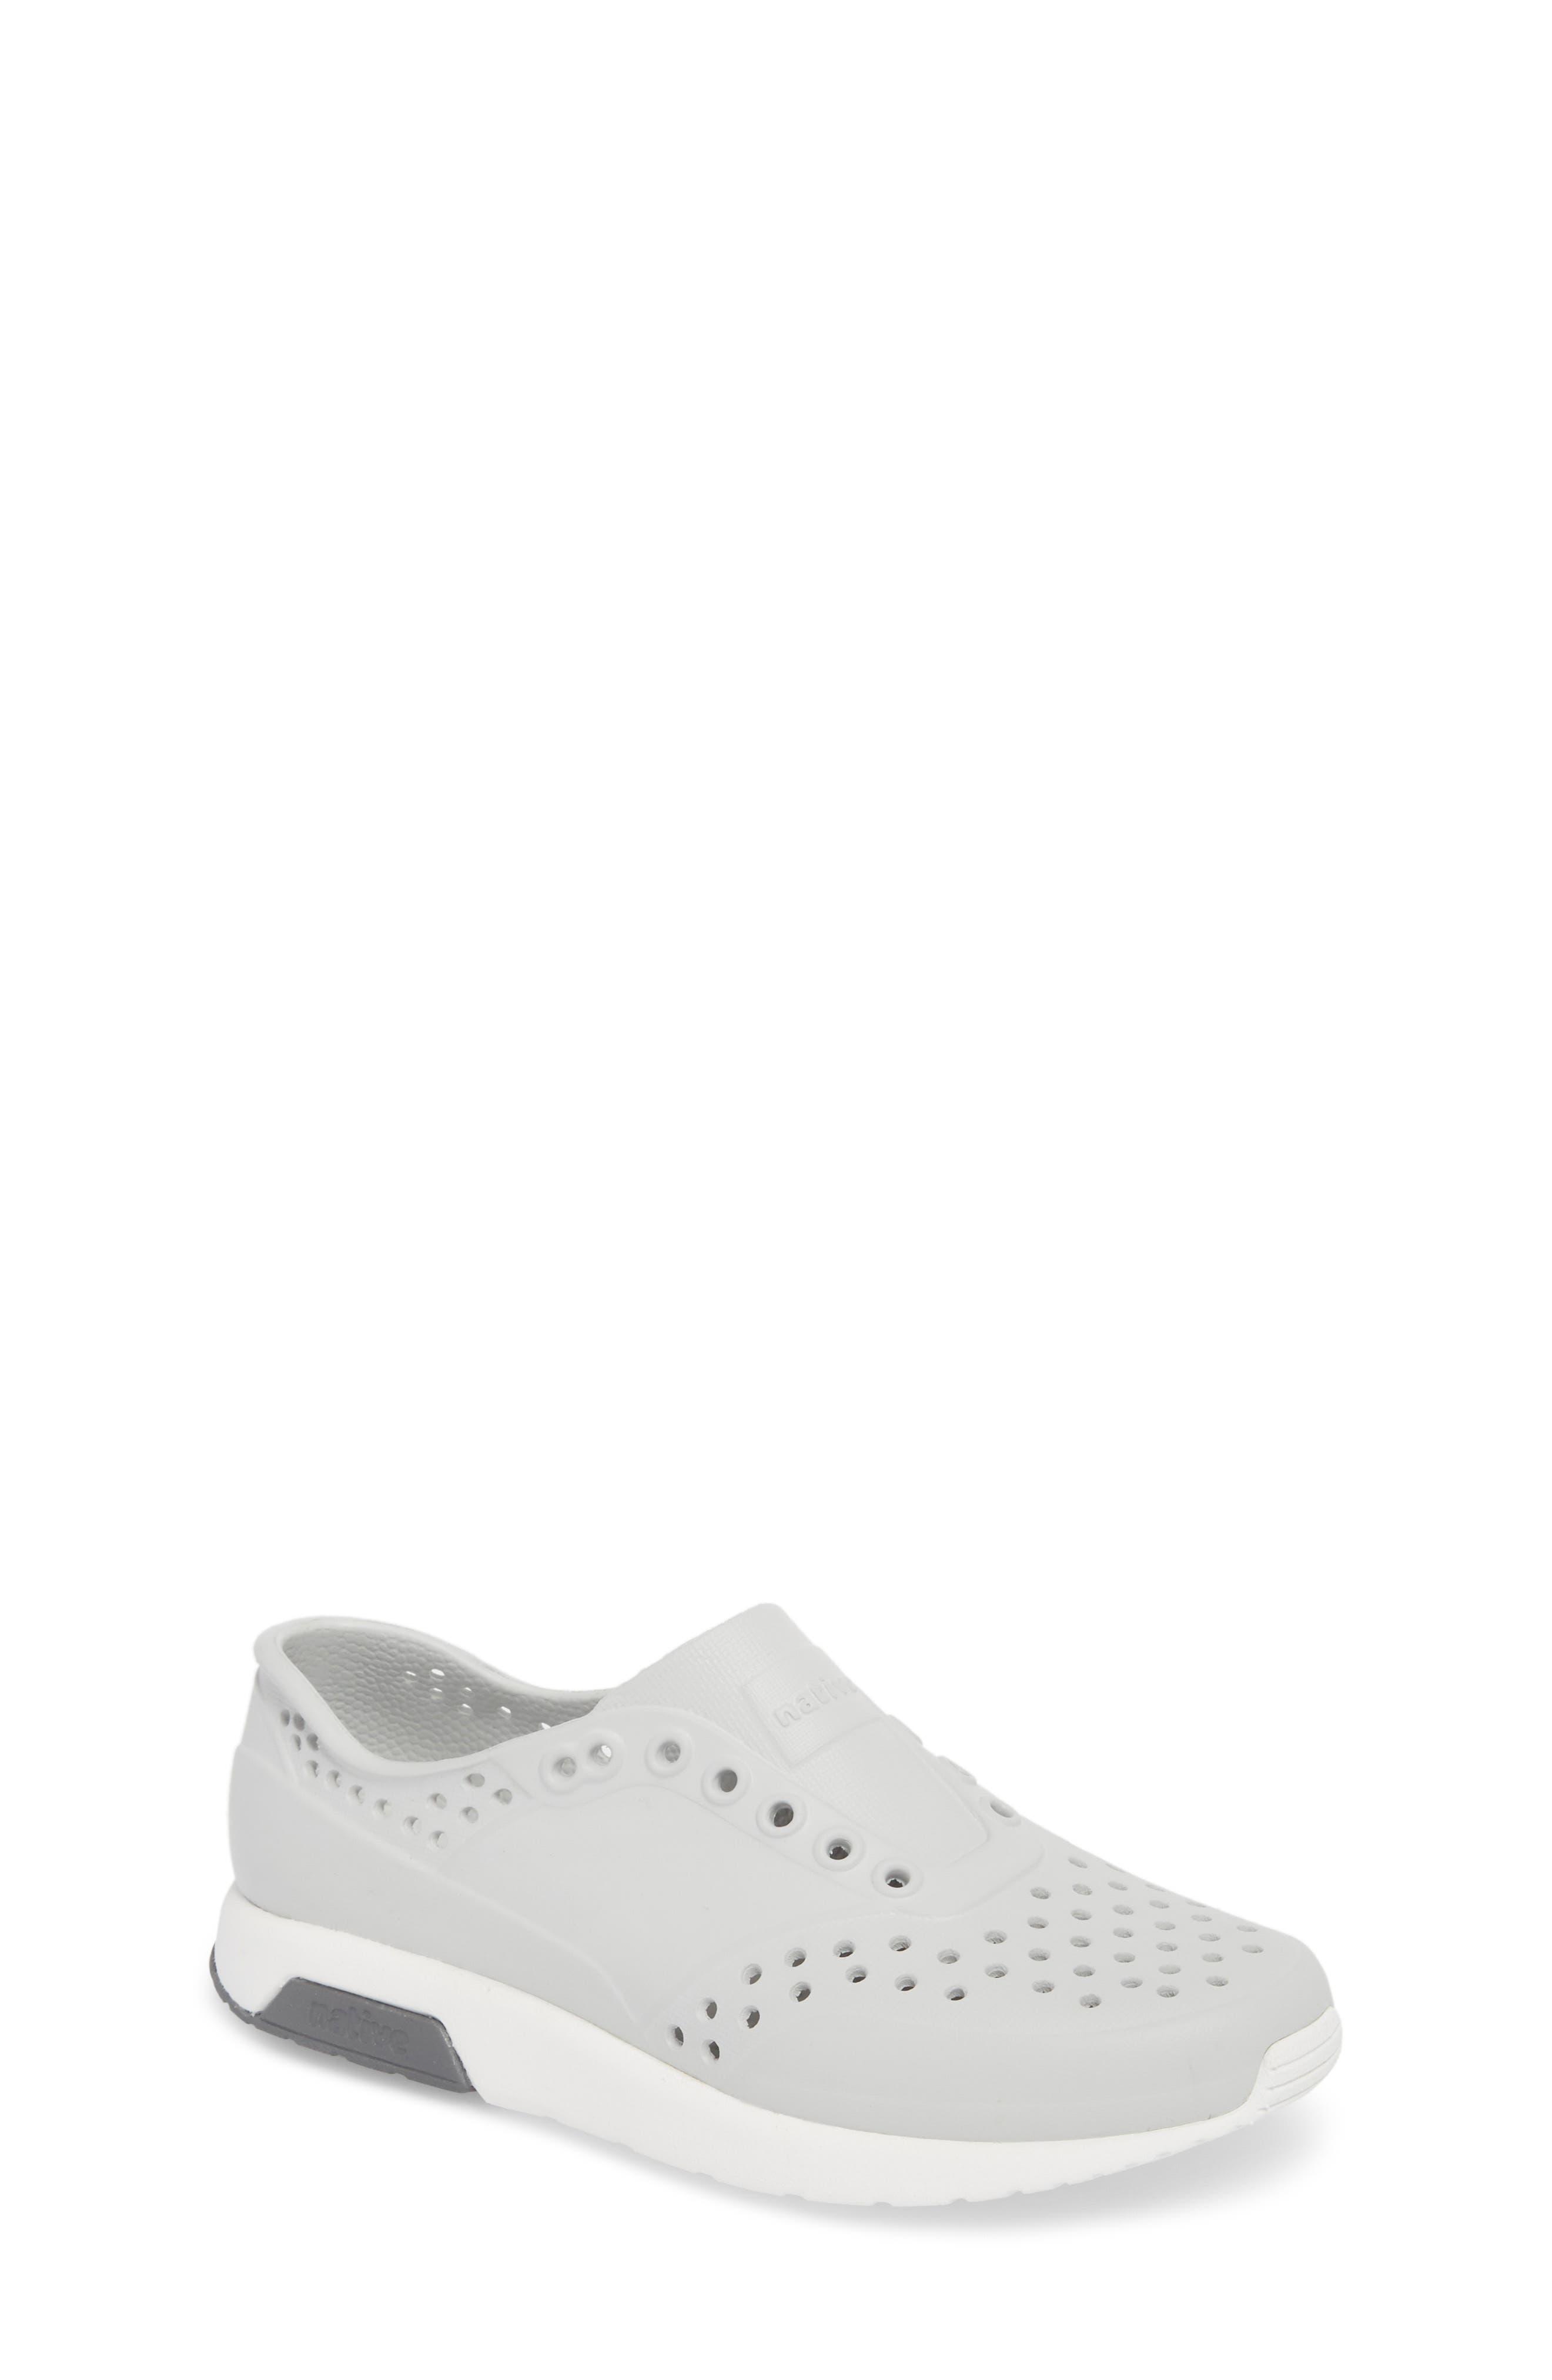 Lennox Slip-On Sneaker,                             Main thumbnail 1, color,                             MIST GREY/ WHITE/ DUBLIN GREY